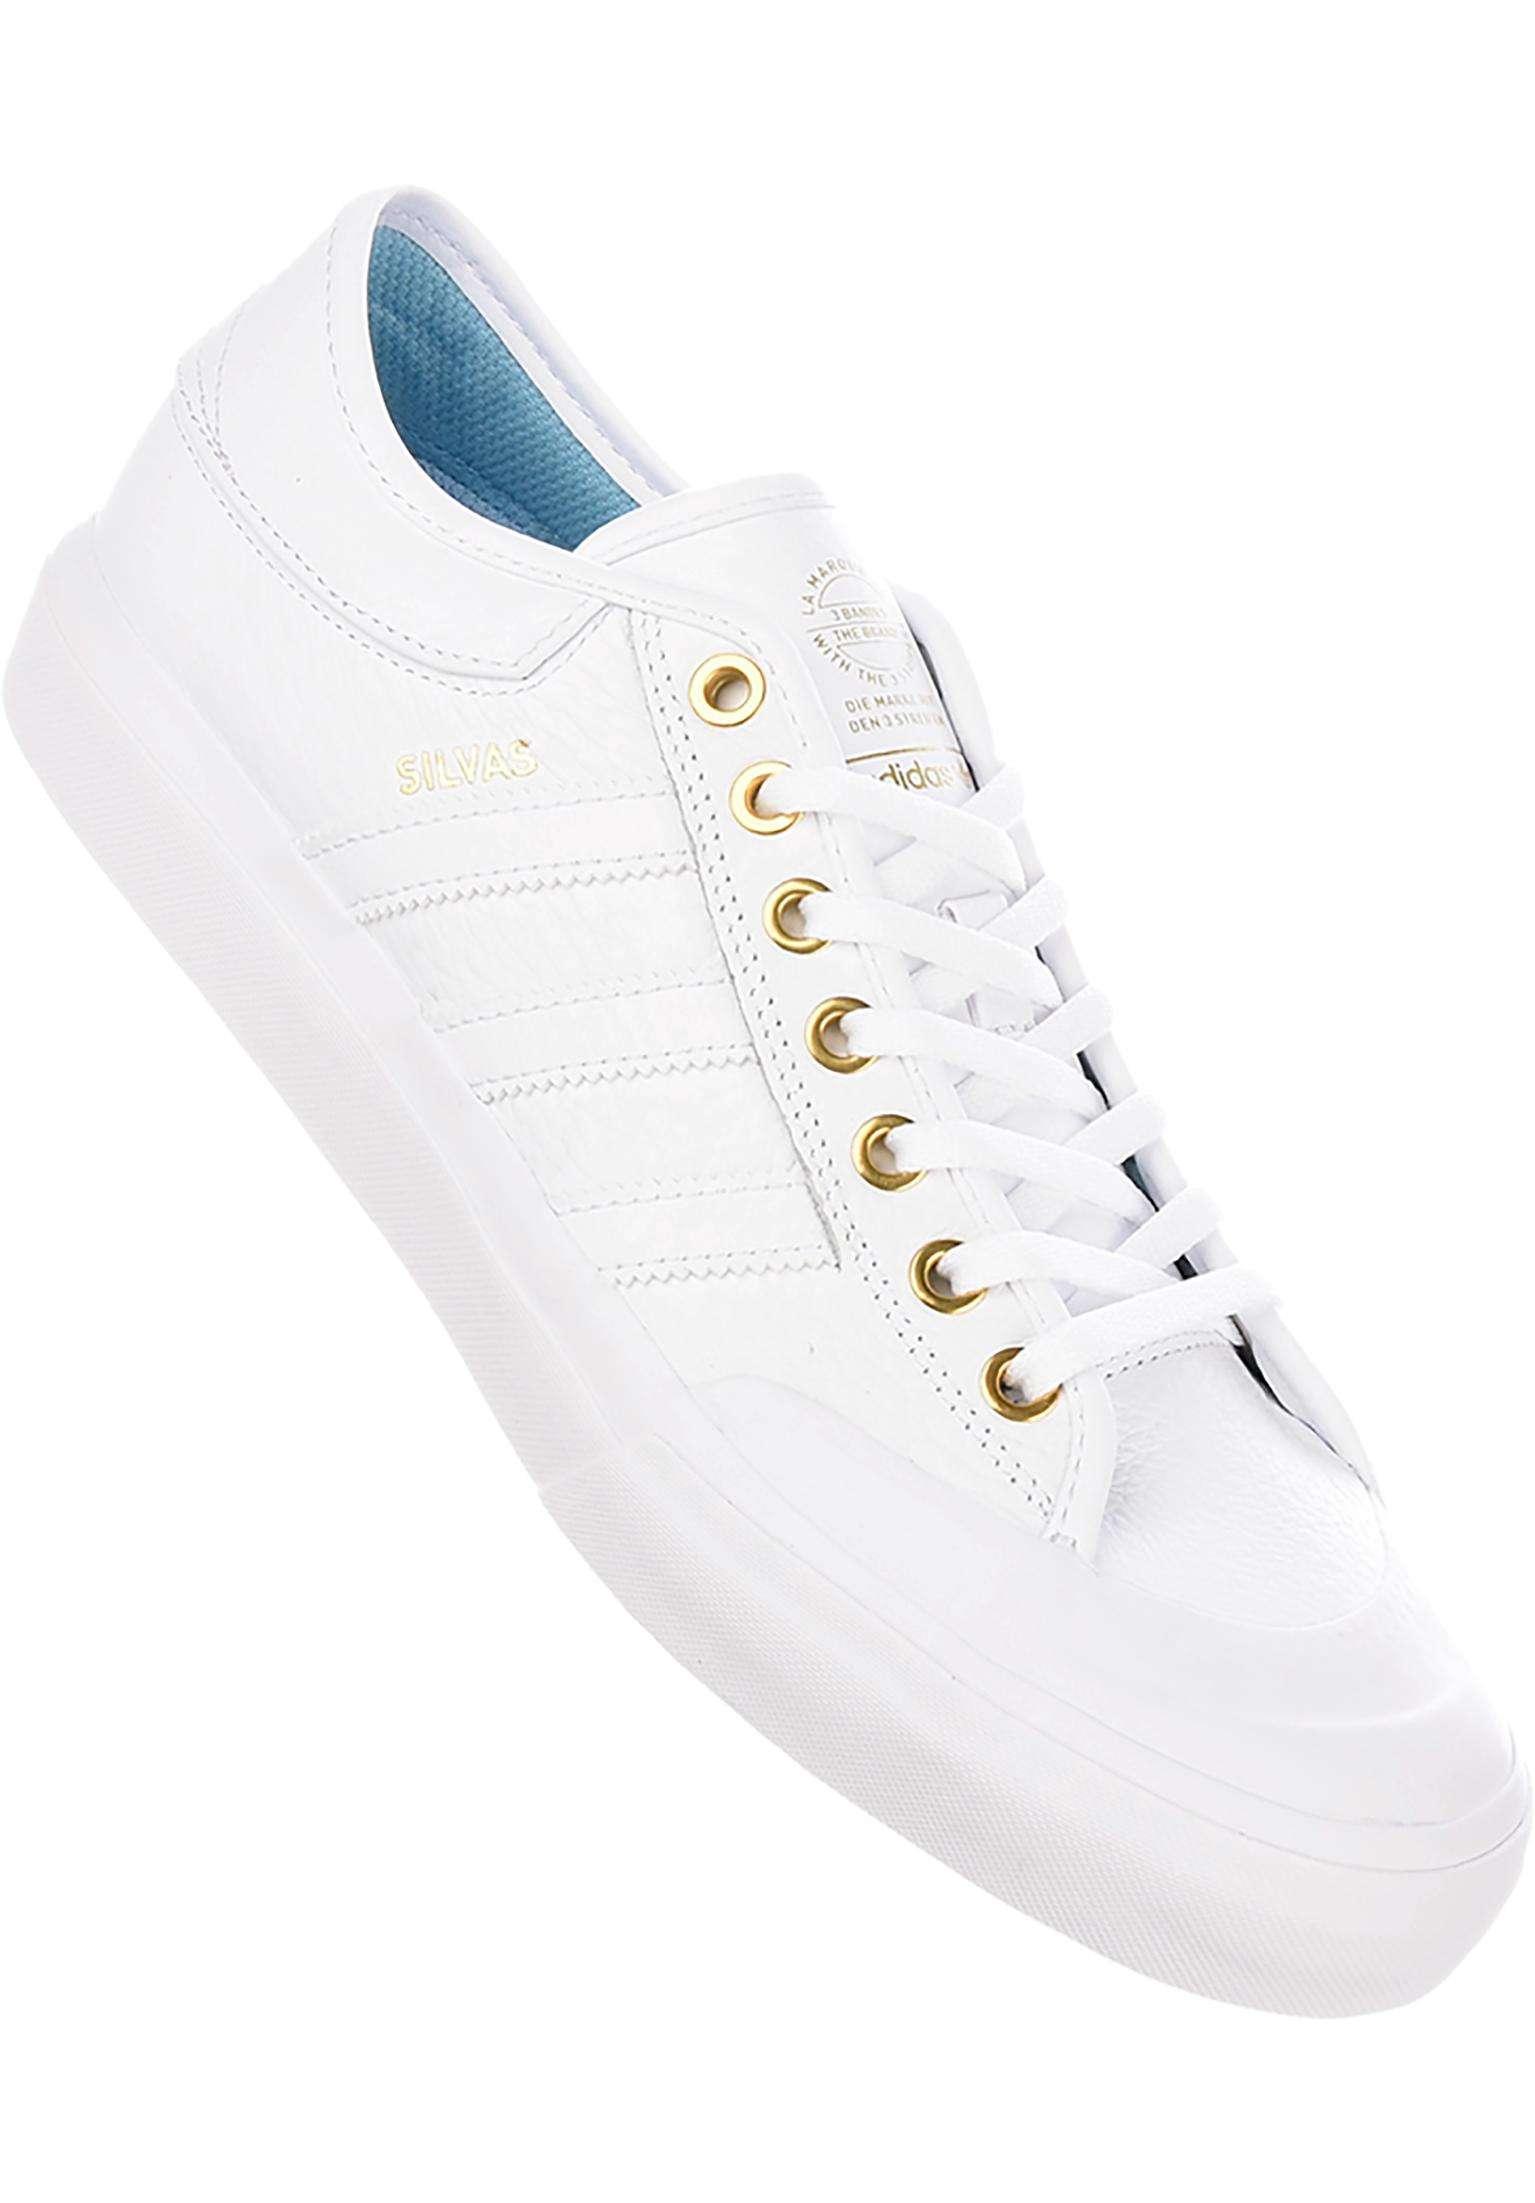 Gold Adidas White In Für Matchcourt Miles Schuhe Alle Skateboarding SHfx0g